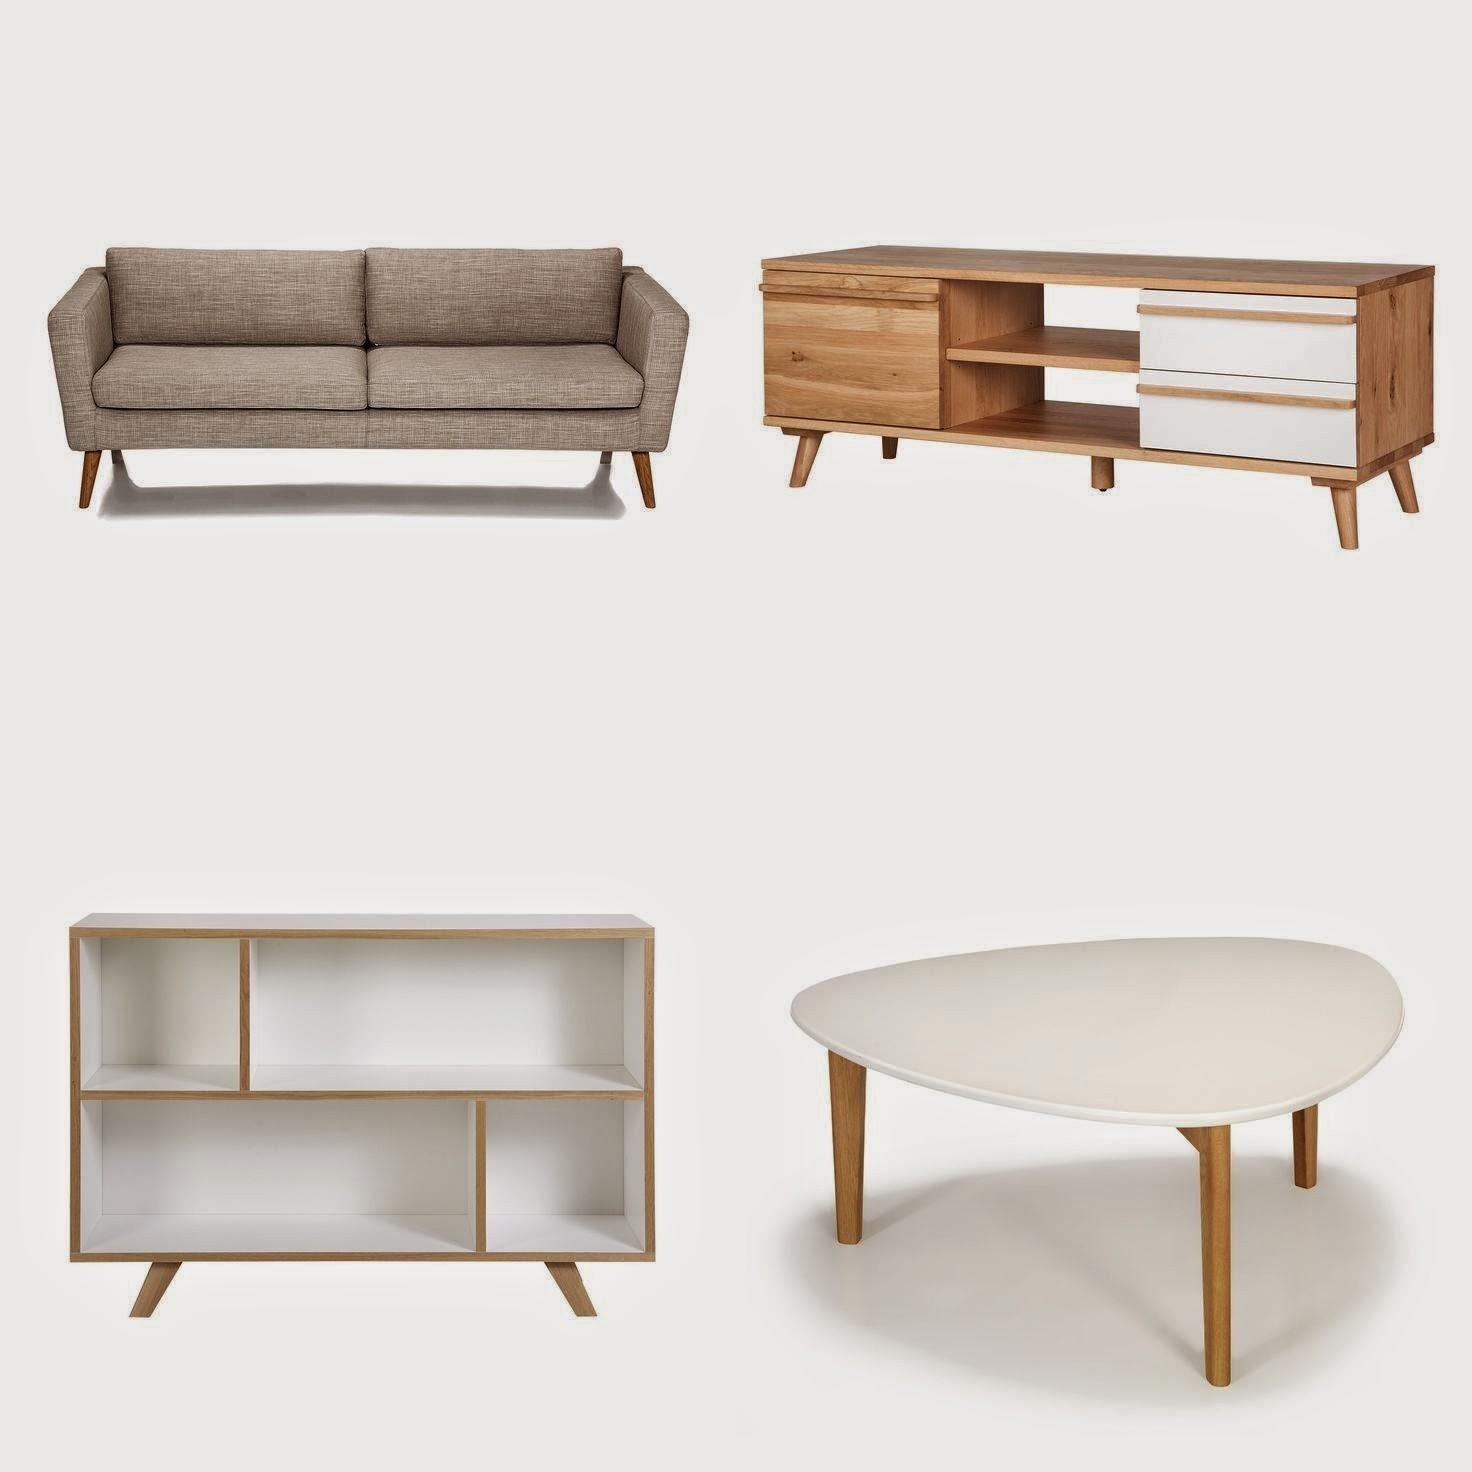 pied scandinave pour meuble le monde de l a. Black Bedroom Furniture Sets. Home Design Ideas